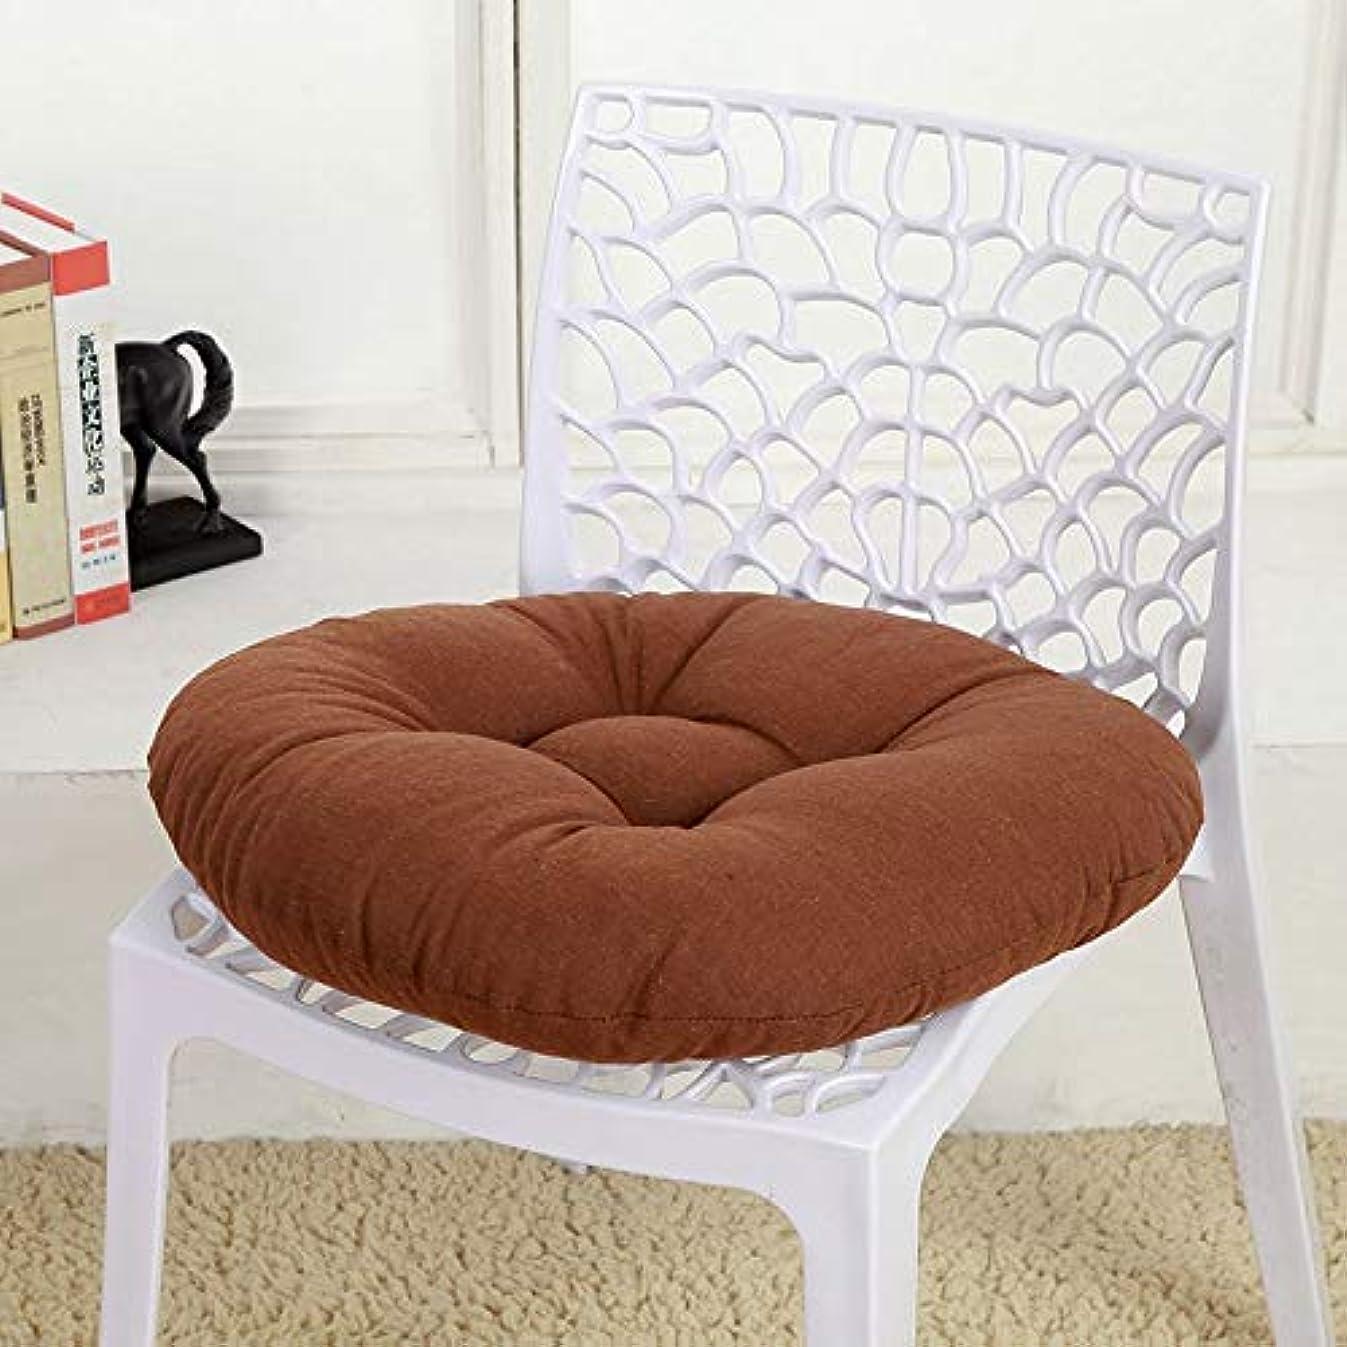 主観的青大きさLIFE キャンディカラーのクッションラウンドシートクッション波ウィンドウシートクッションクッション家の装飾パッドラウンド枕シート枕椅子座る枕 クッション 椅子